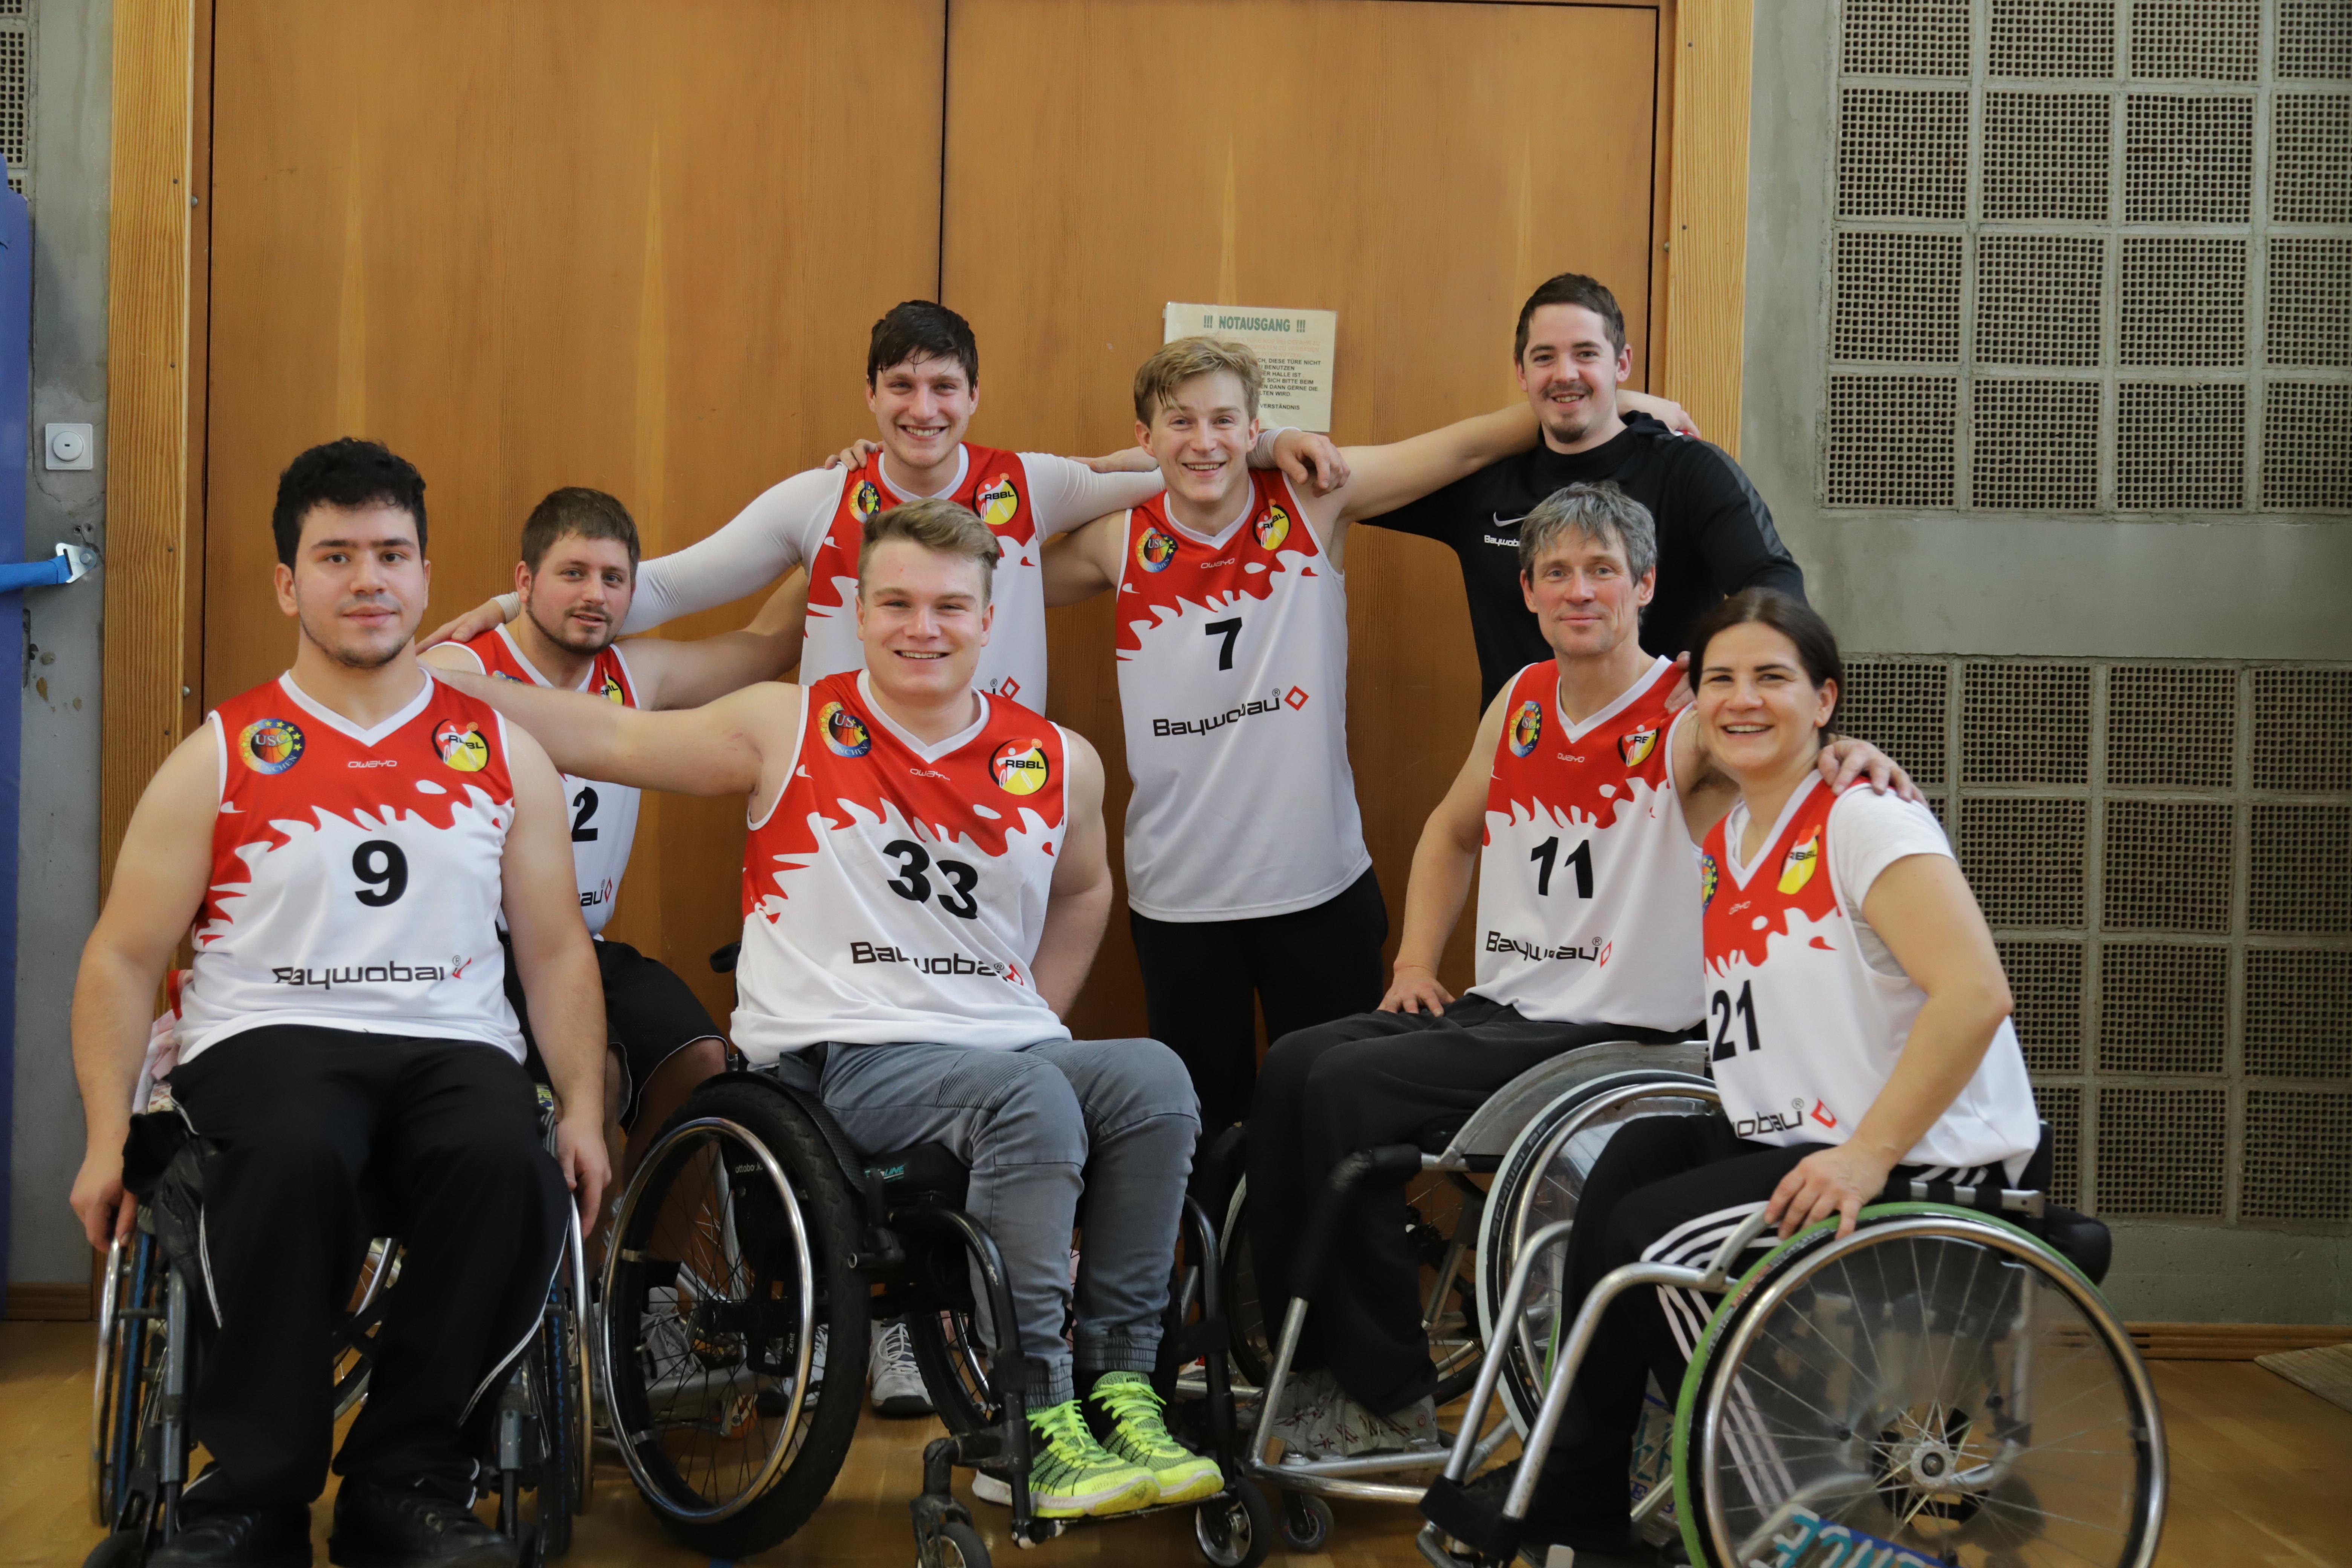 USC_Muenchen_erste_Mannschaft_Rollstuhlbasketball